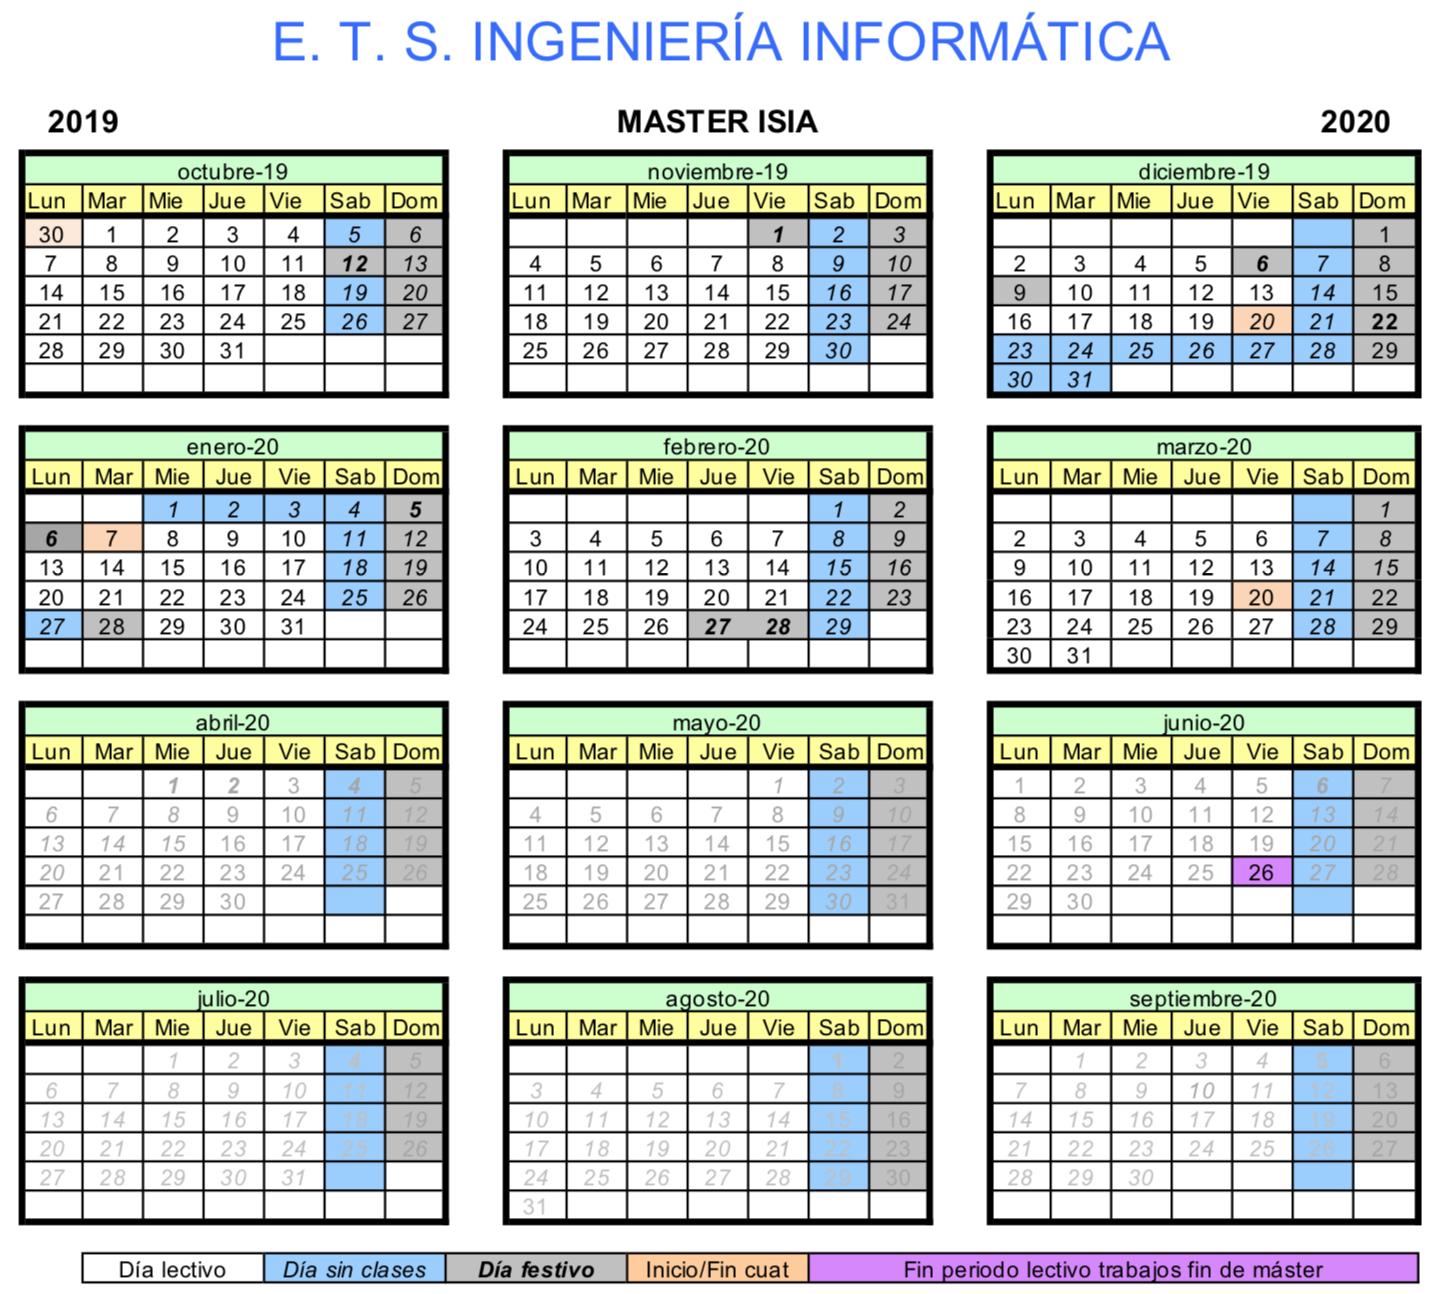 Calendario Etsit.E T S I Informatica Master Ing Del Sw E Int Artific